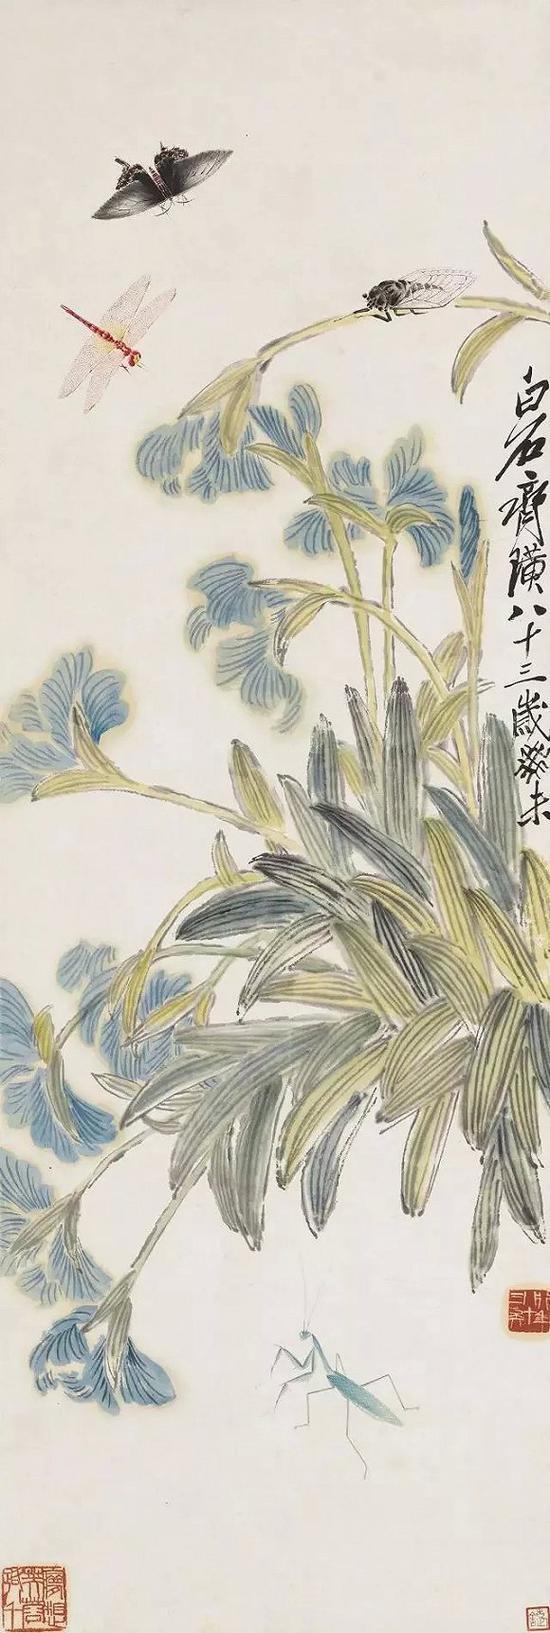 1943年齊白石《工蟲鳶尾花》(2013年嘉德春拍 成交價:1840萬元)